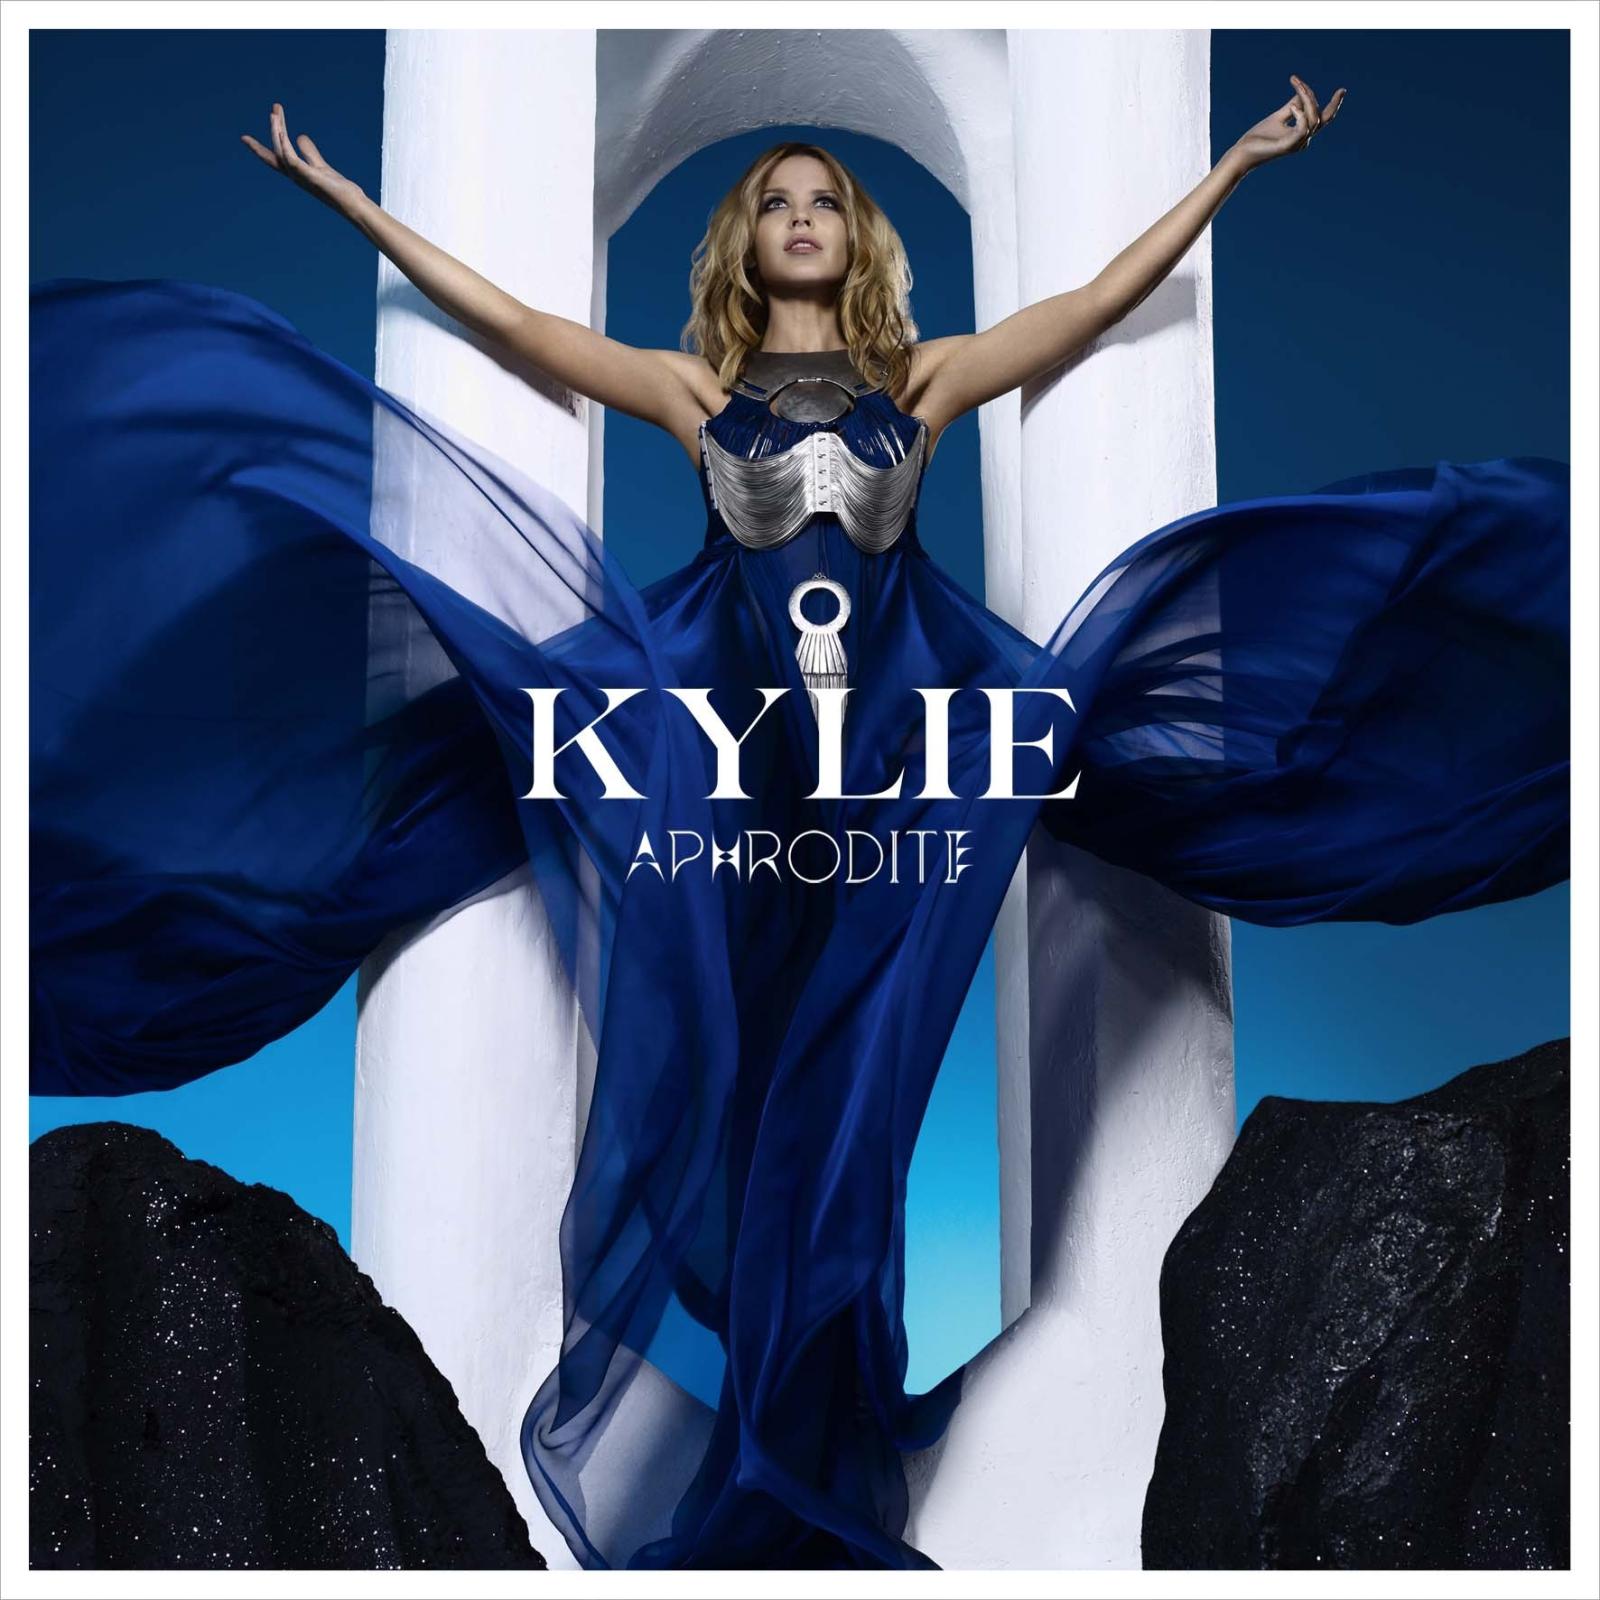 http://1.bp.blogspot.com/_mupIVJbjvuU/S84p_8KRJBI/AAAAAAAAC_s/9HQUBgHsYzQ/s1600/Kylie%20Minogue%20-%20Aphrodite%20(Offical%20Album%20Cover).png